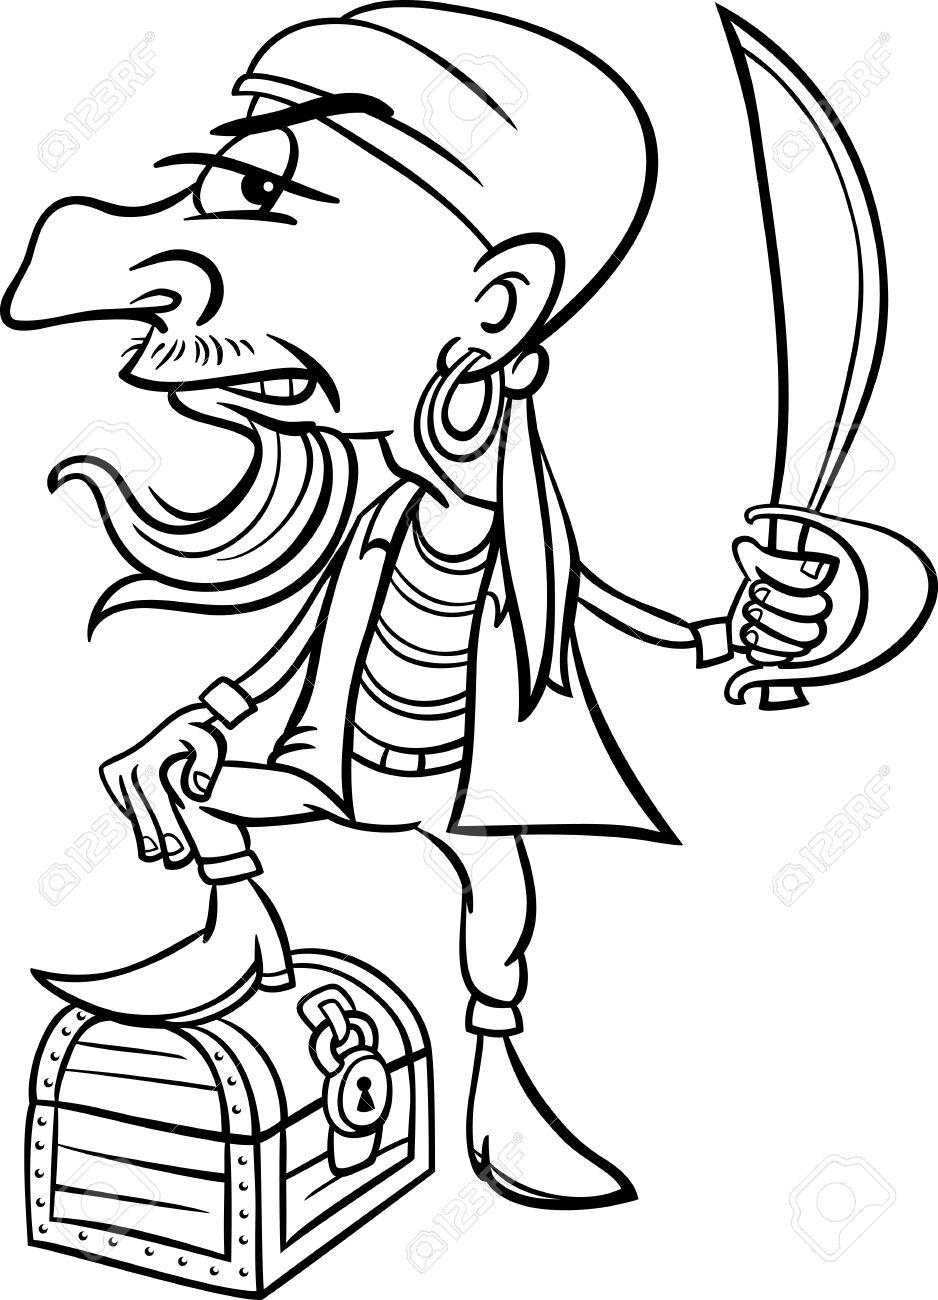 Blanco Y Negro De Dibujos Animados De Ilustración De Divertido ...